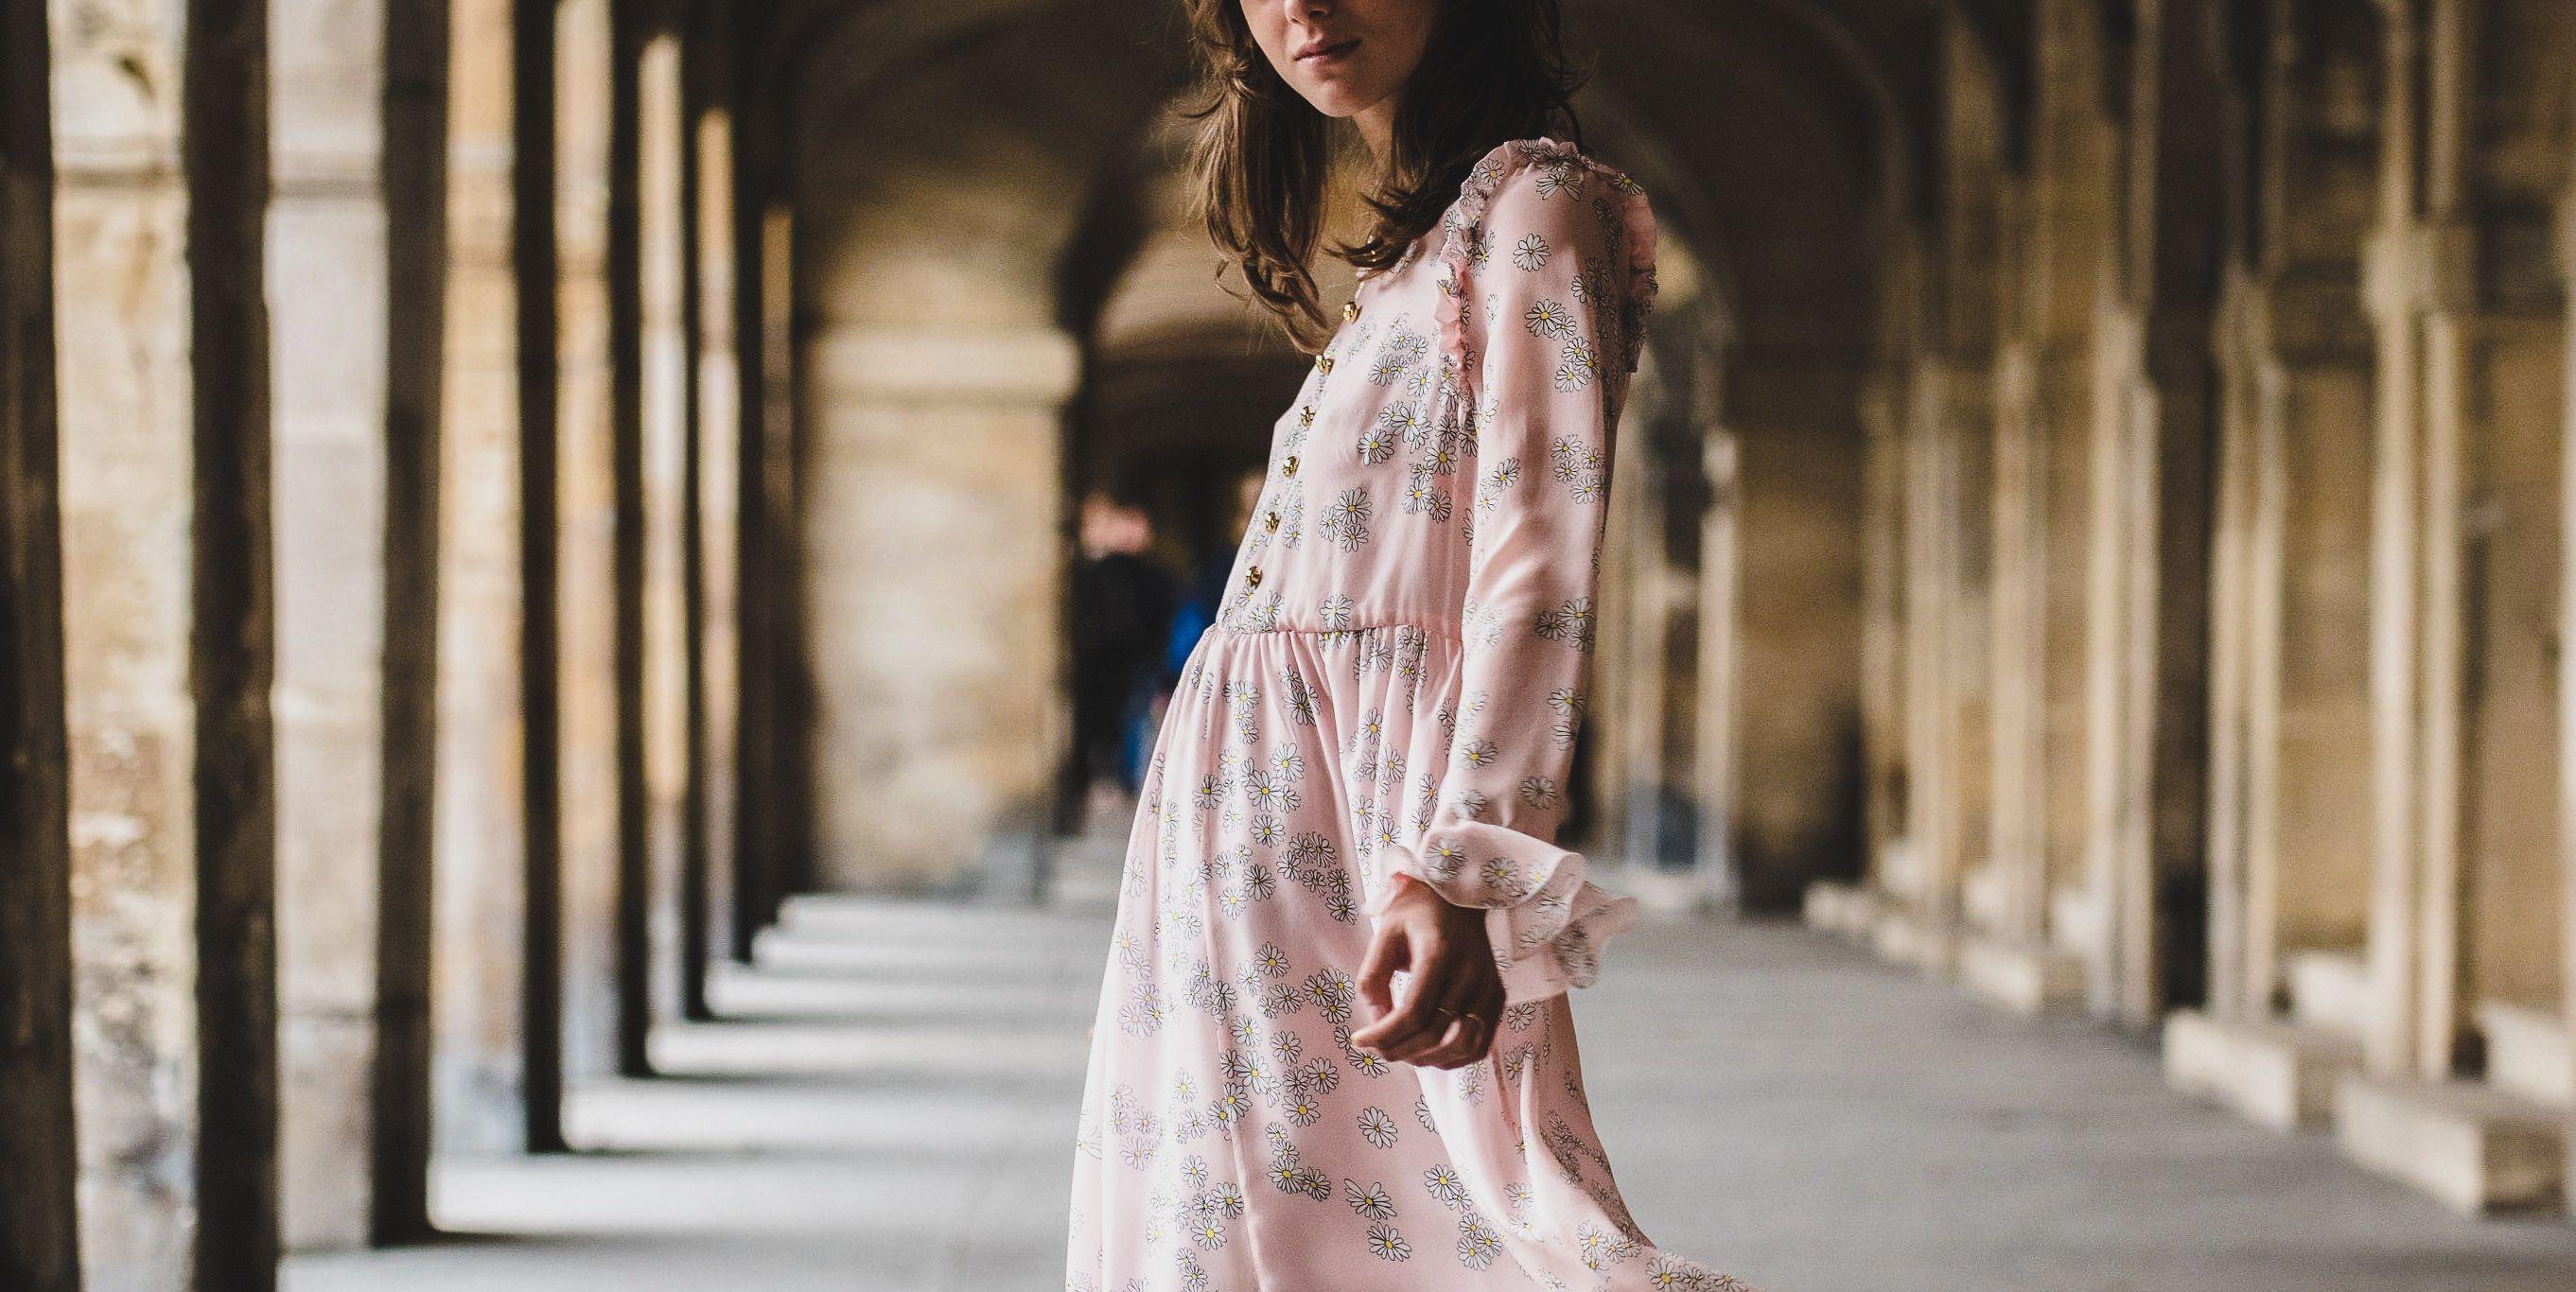 Questo è l'unico vestito che potrete permettervi di indossare per tutta l'estate 2018 (e oltre)